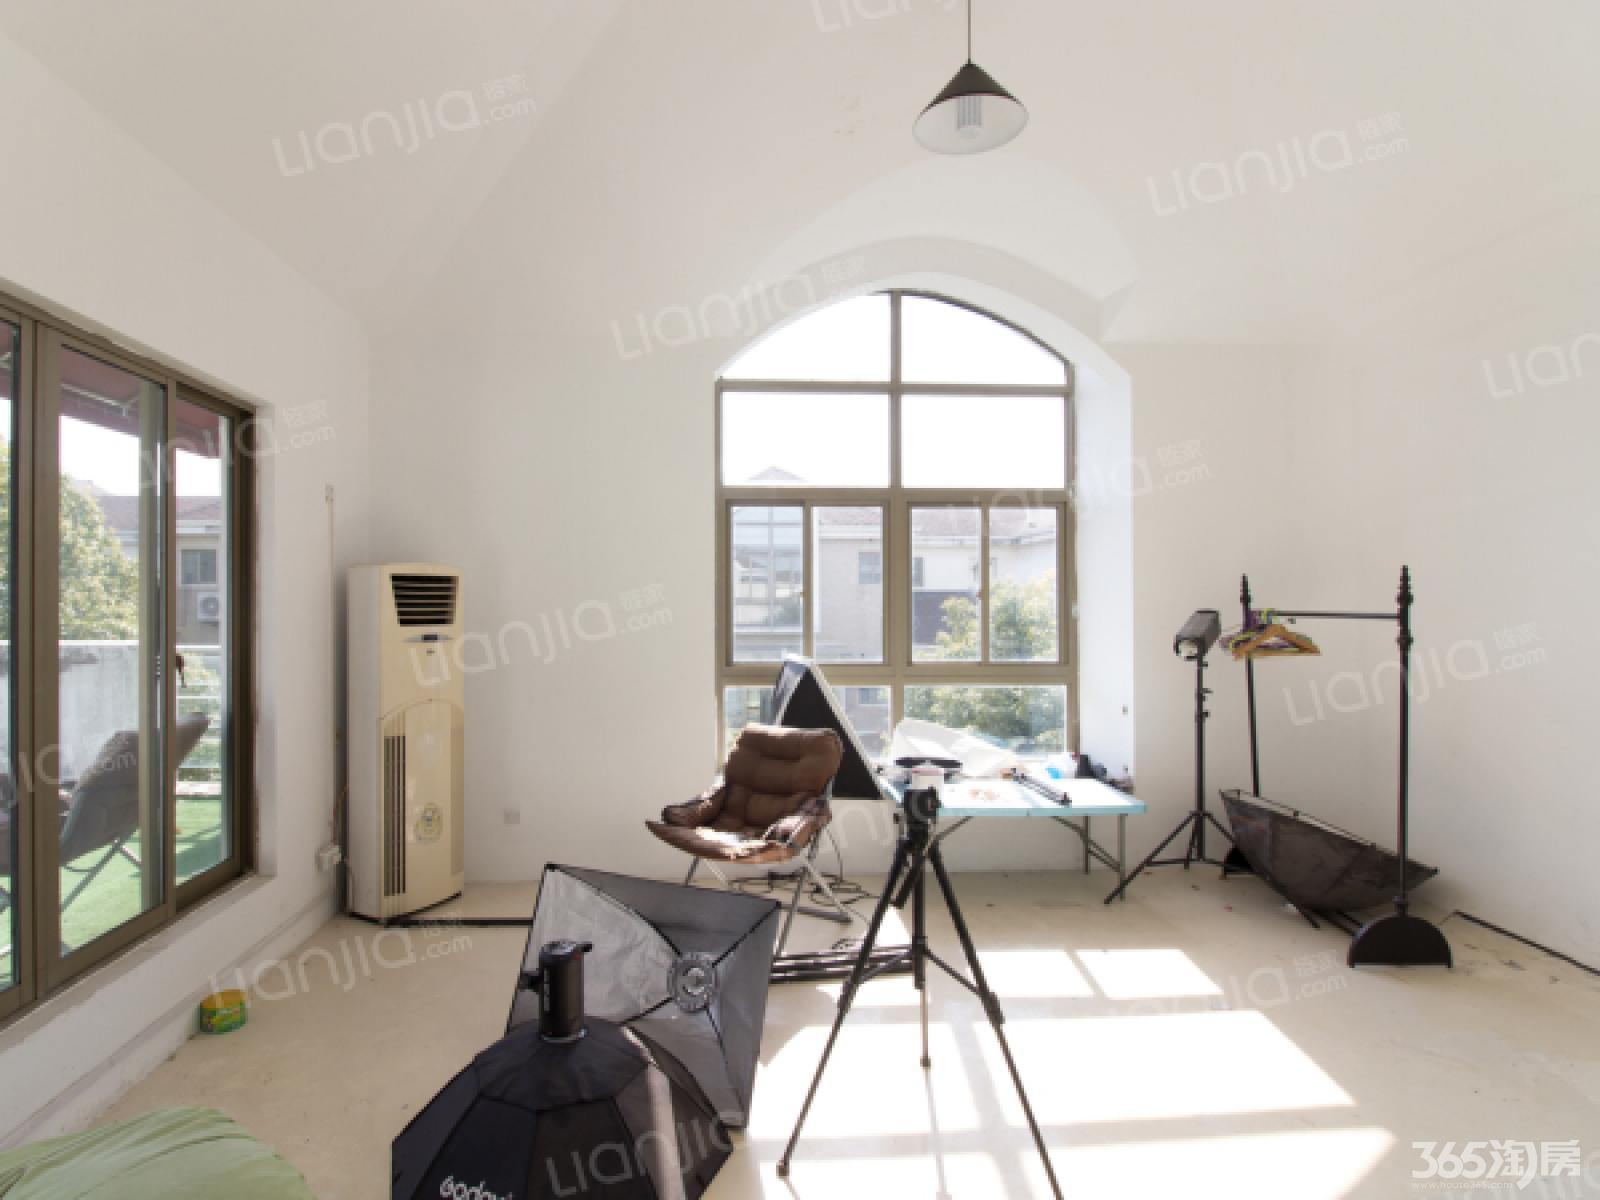 【瑞景文华联排别墅实用别墅多室内带玻璃带电梯贴膜面积效果图图片